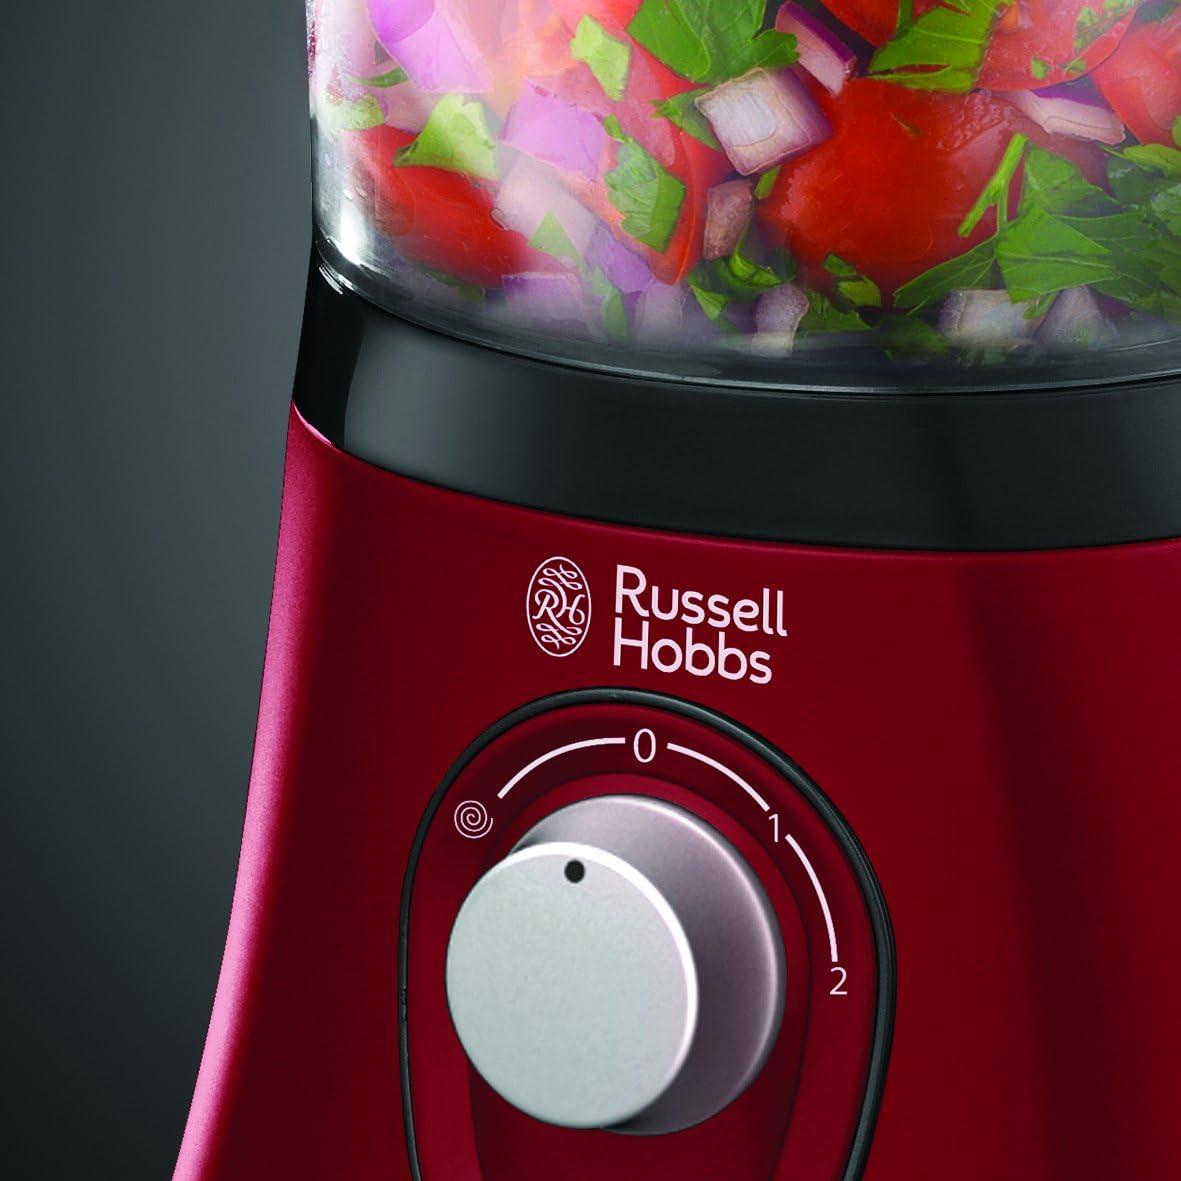 Russell Hobbs Desire - Procesador de alimentos: Amazon.es: Hogar